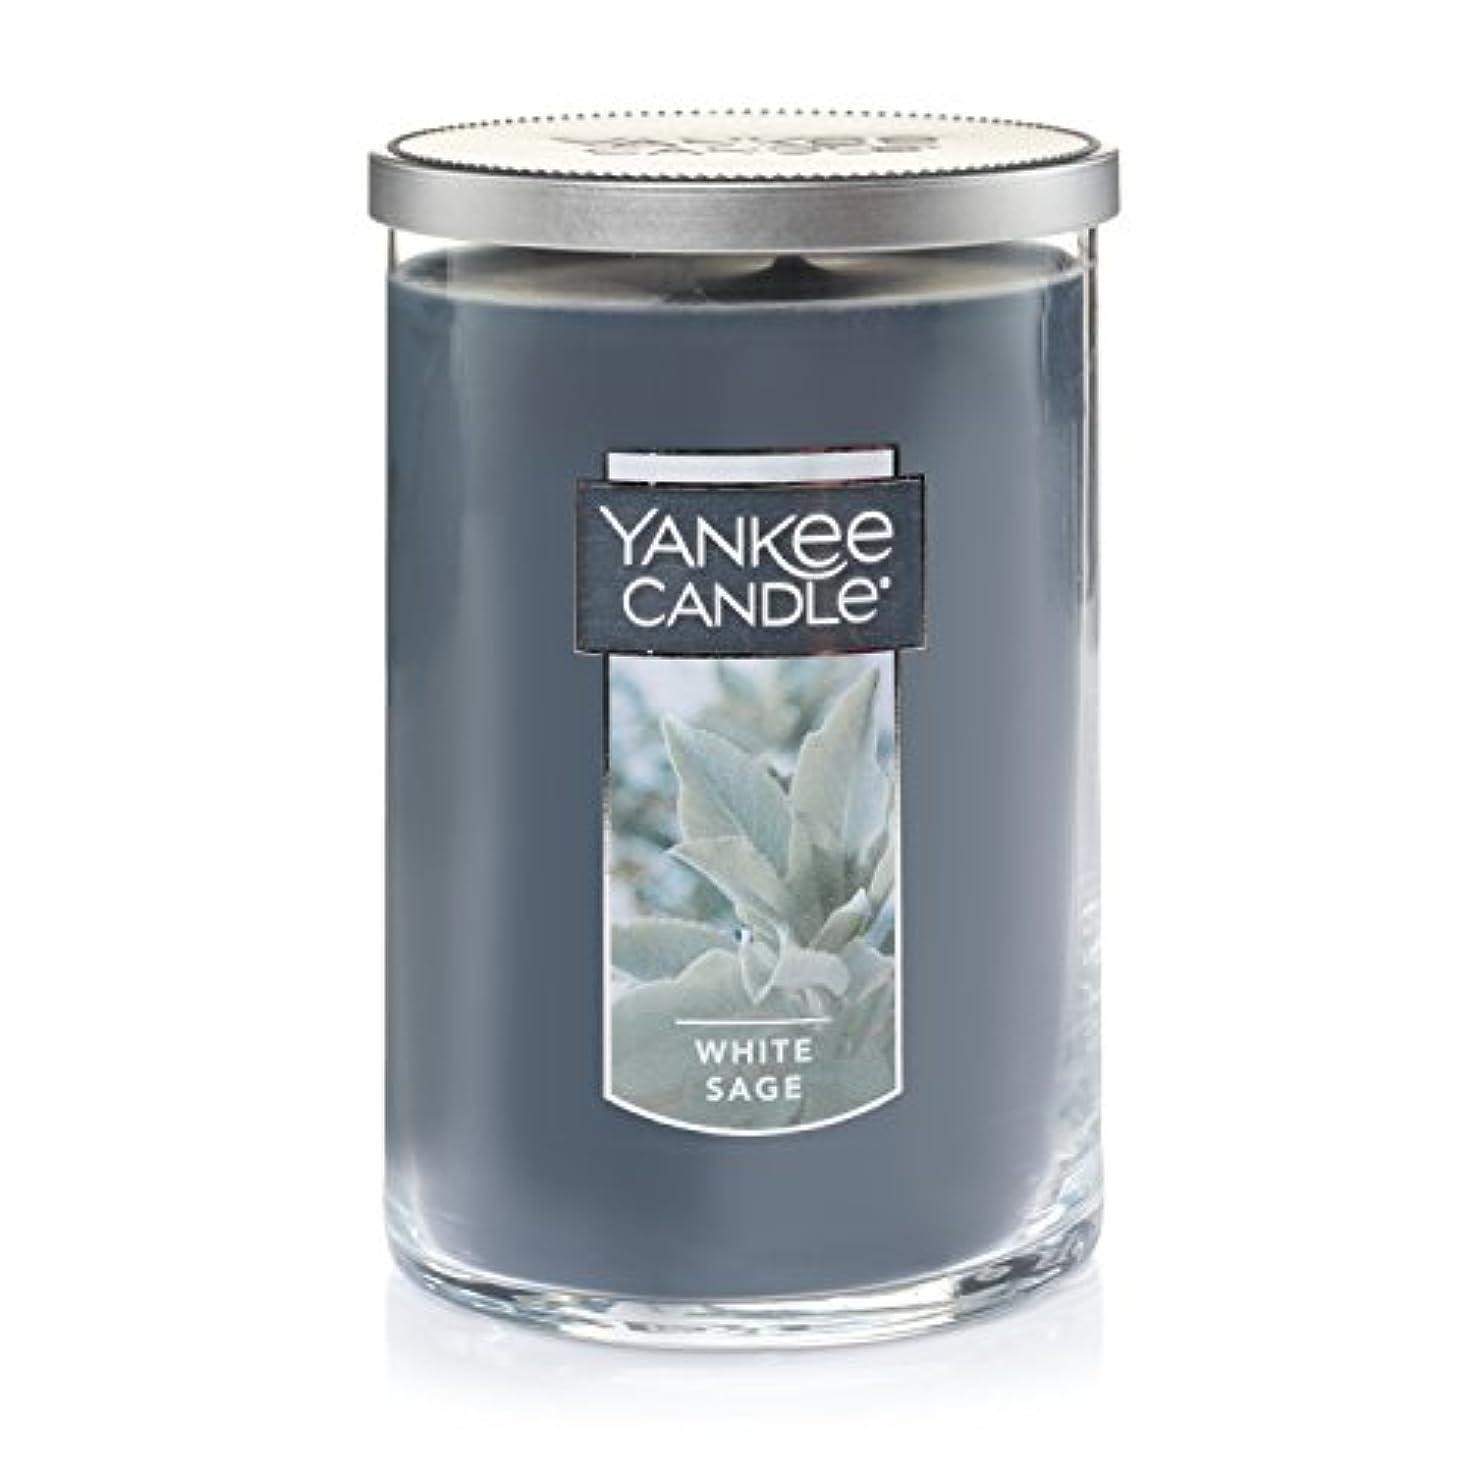 嫌がらせ先史時代のもっと少なくYankee Candleホワイトセージ Large 2-Wick Tumbler Candles 1556031-YC